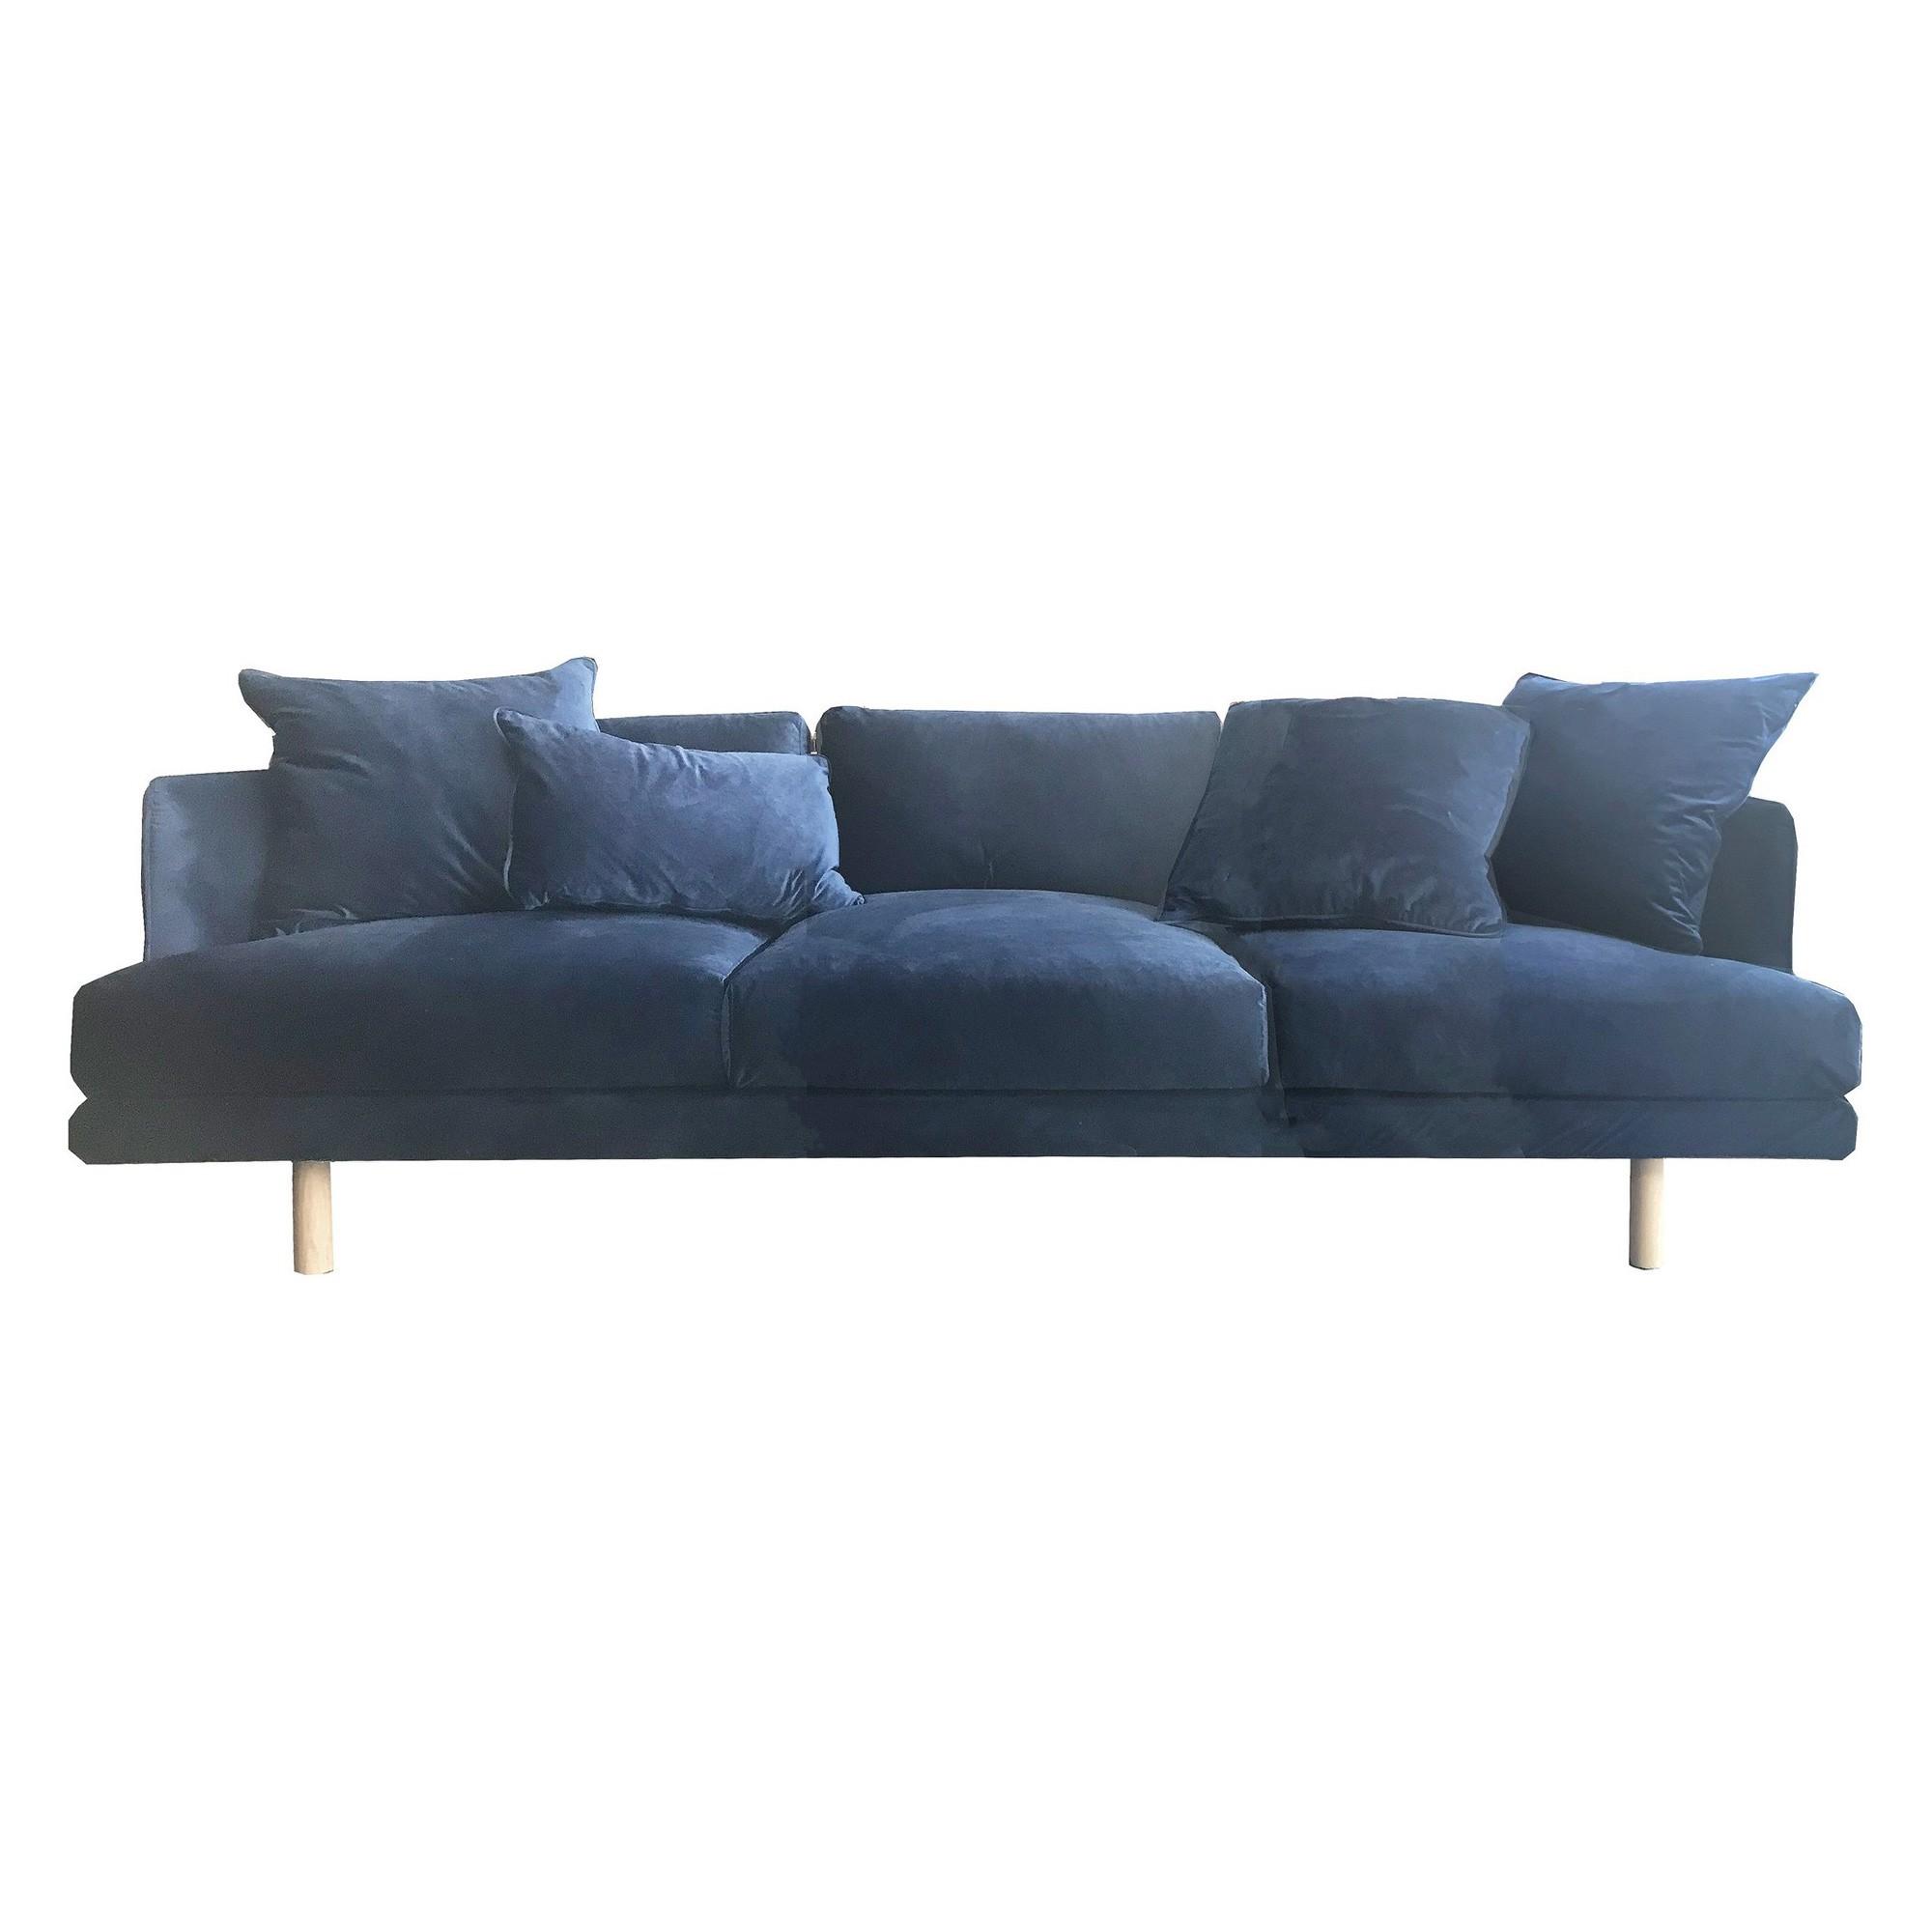 Cody Velvet Fabric Sofa, 4 Seater, Husk